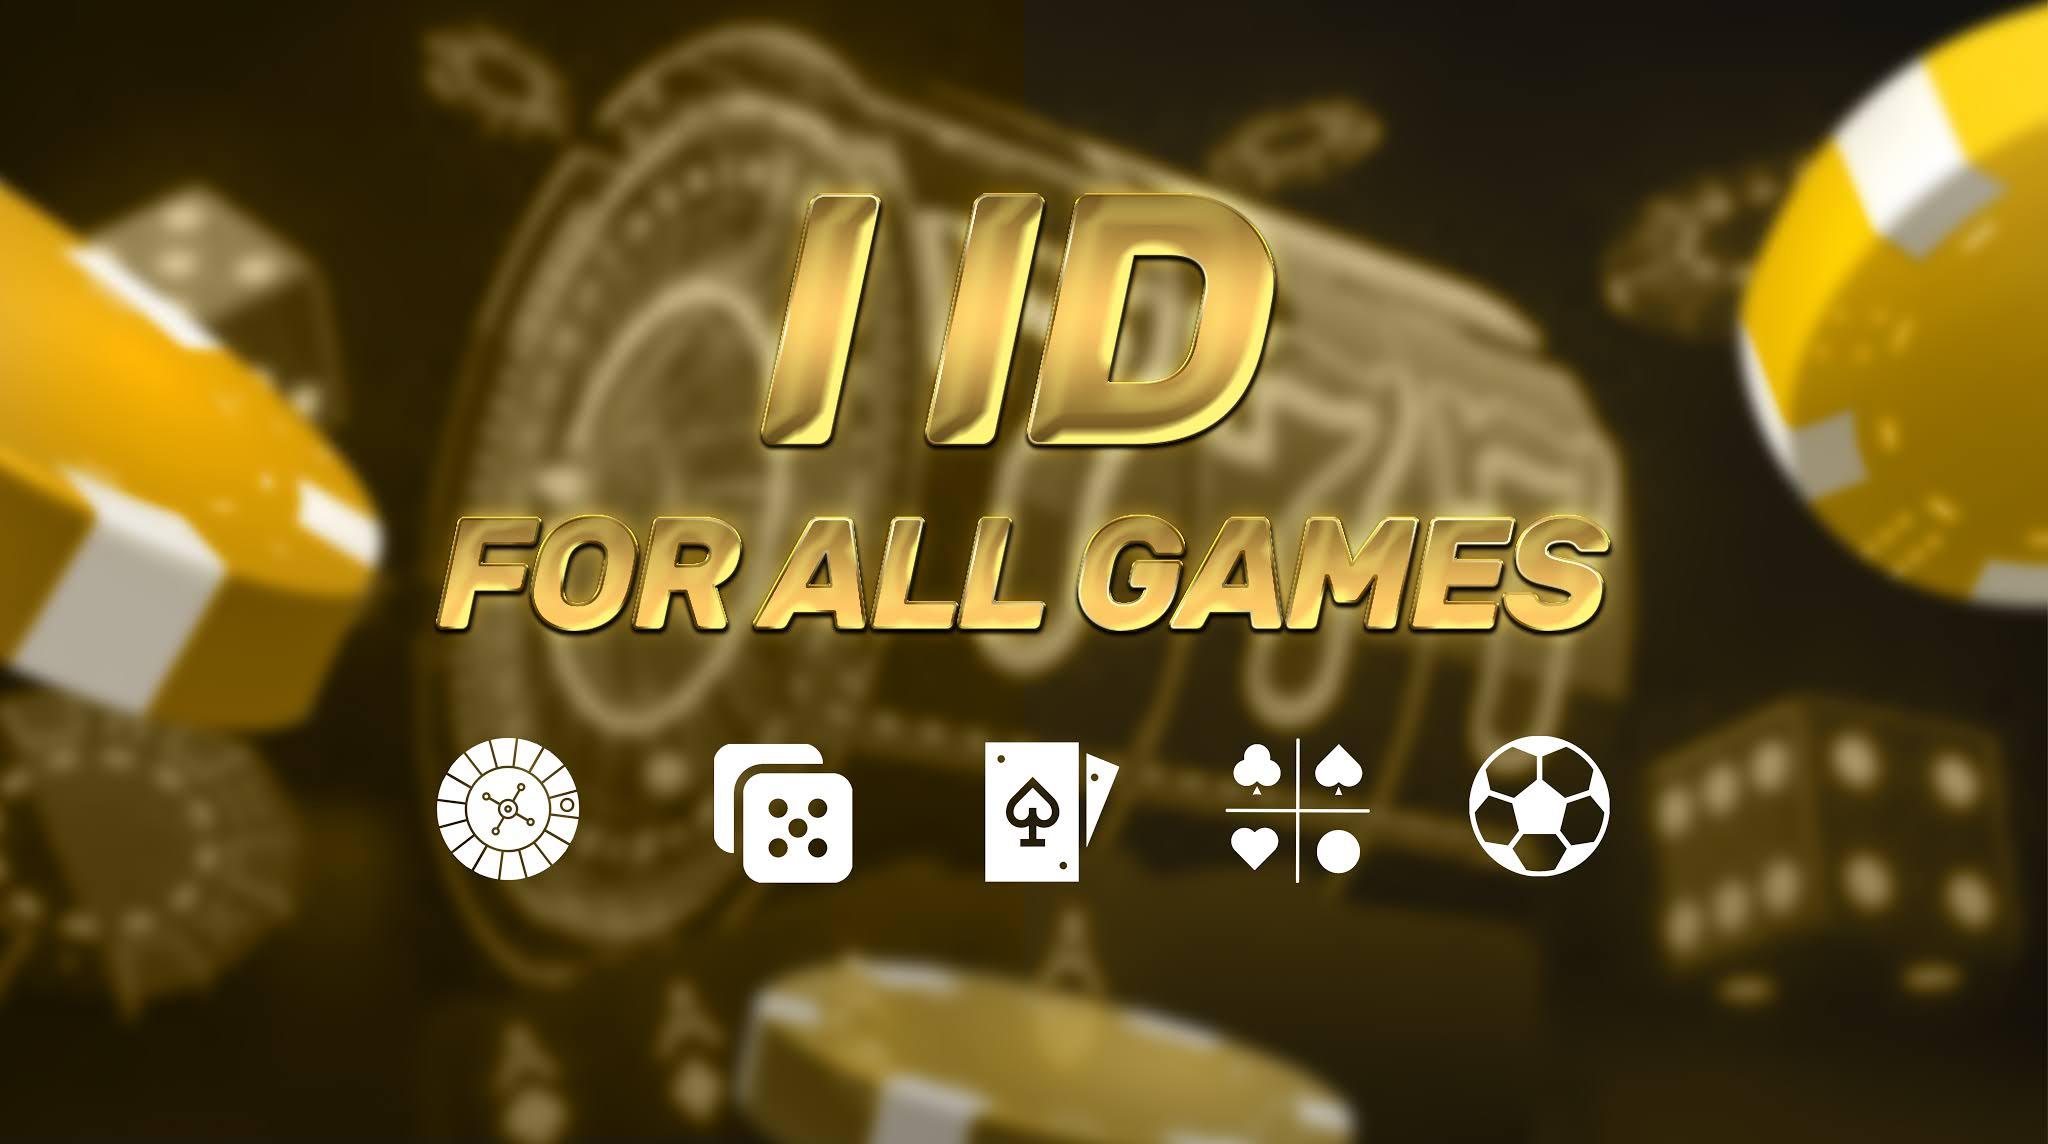 1 ID Semua Game